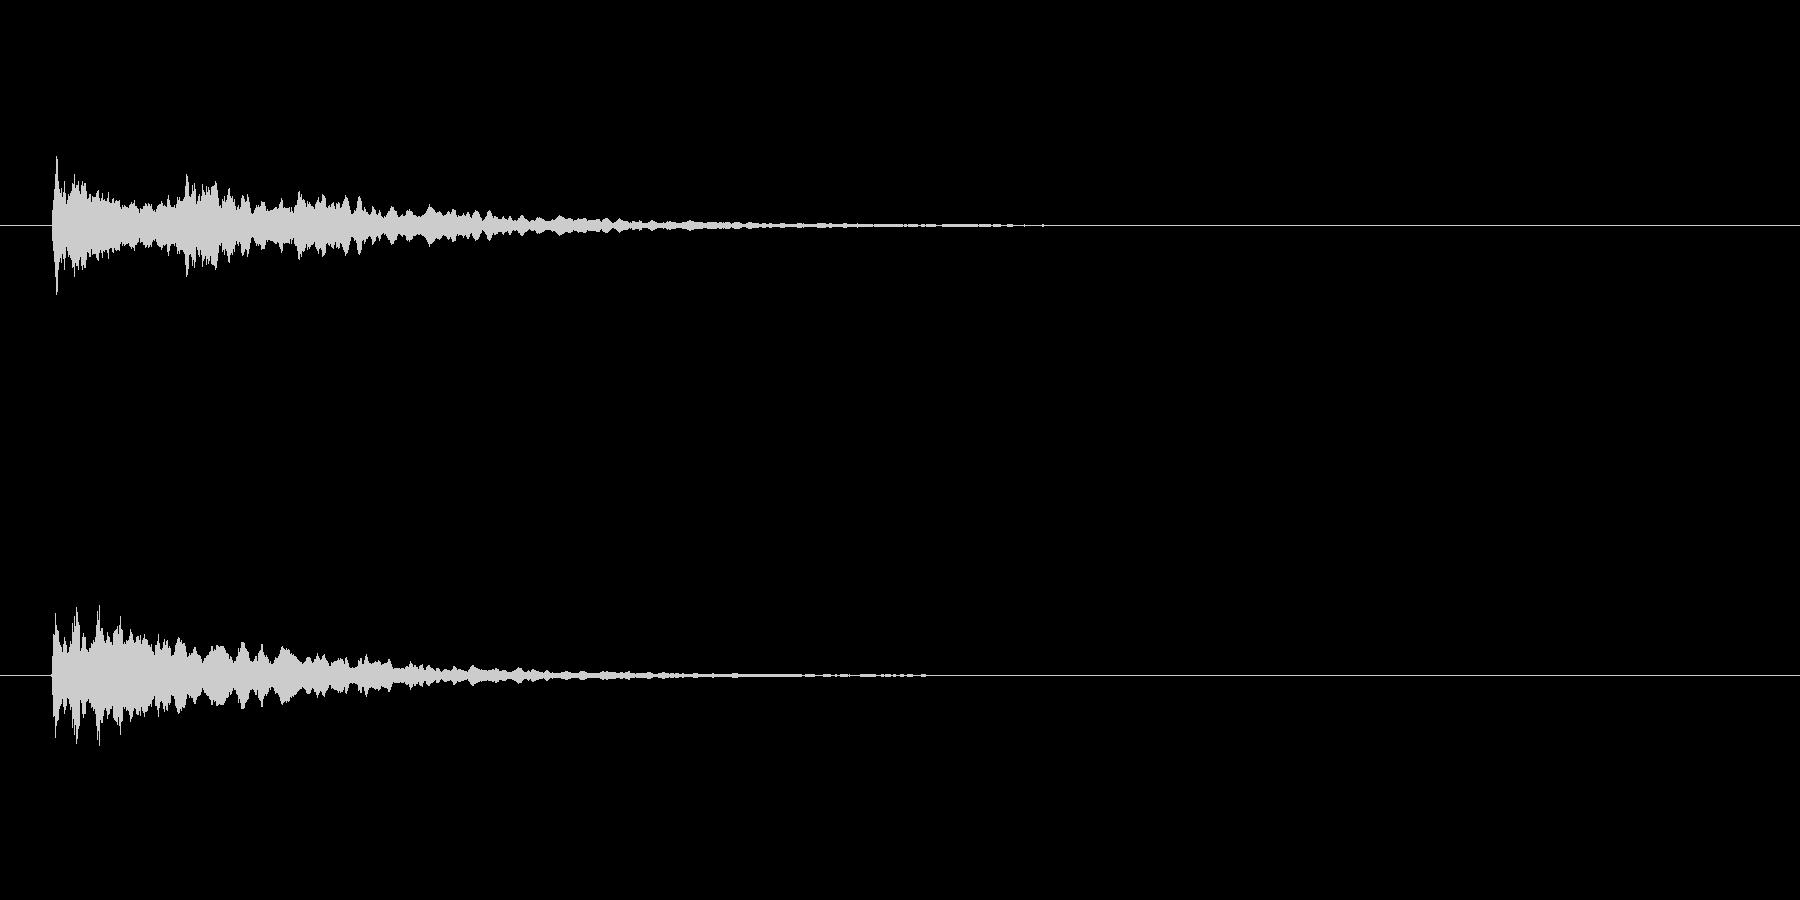 光や星のキラーン(キラン)スイートベル音の未再生の波形